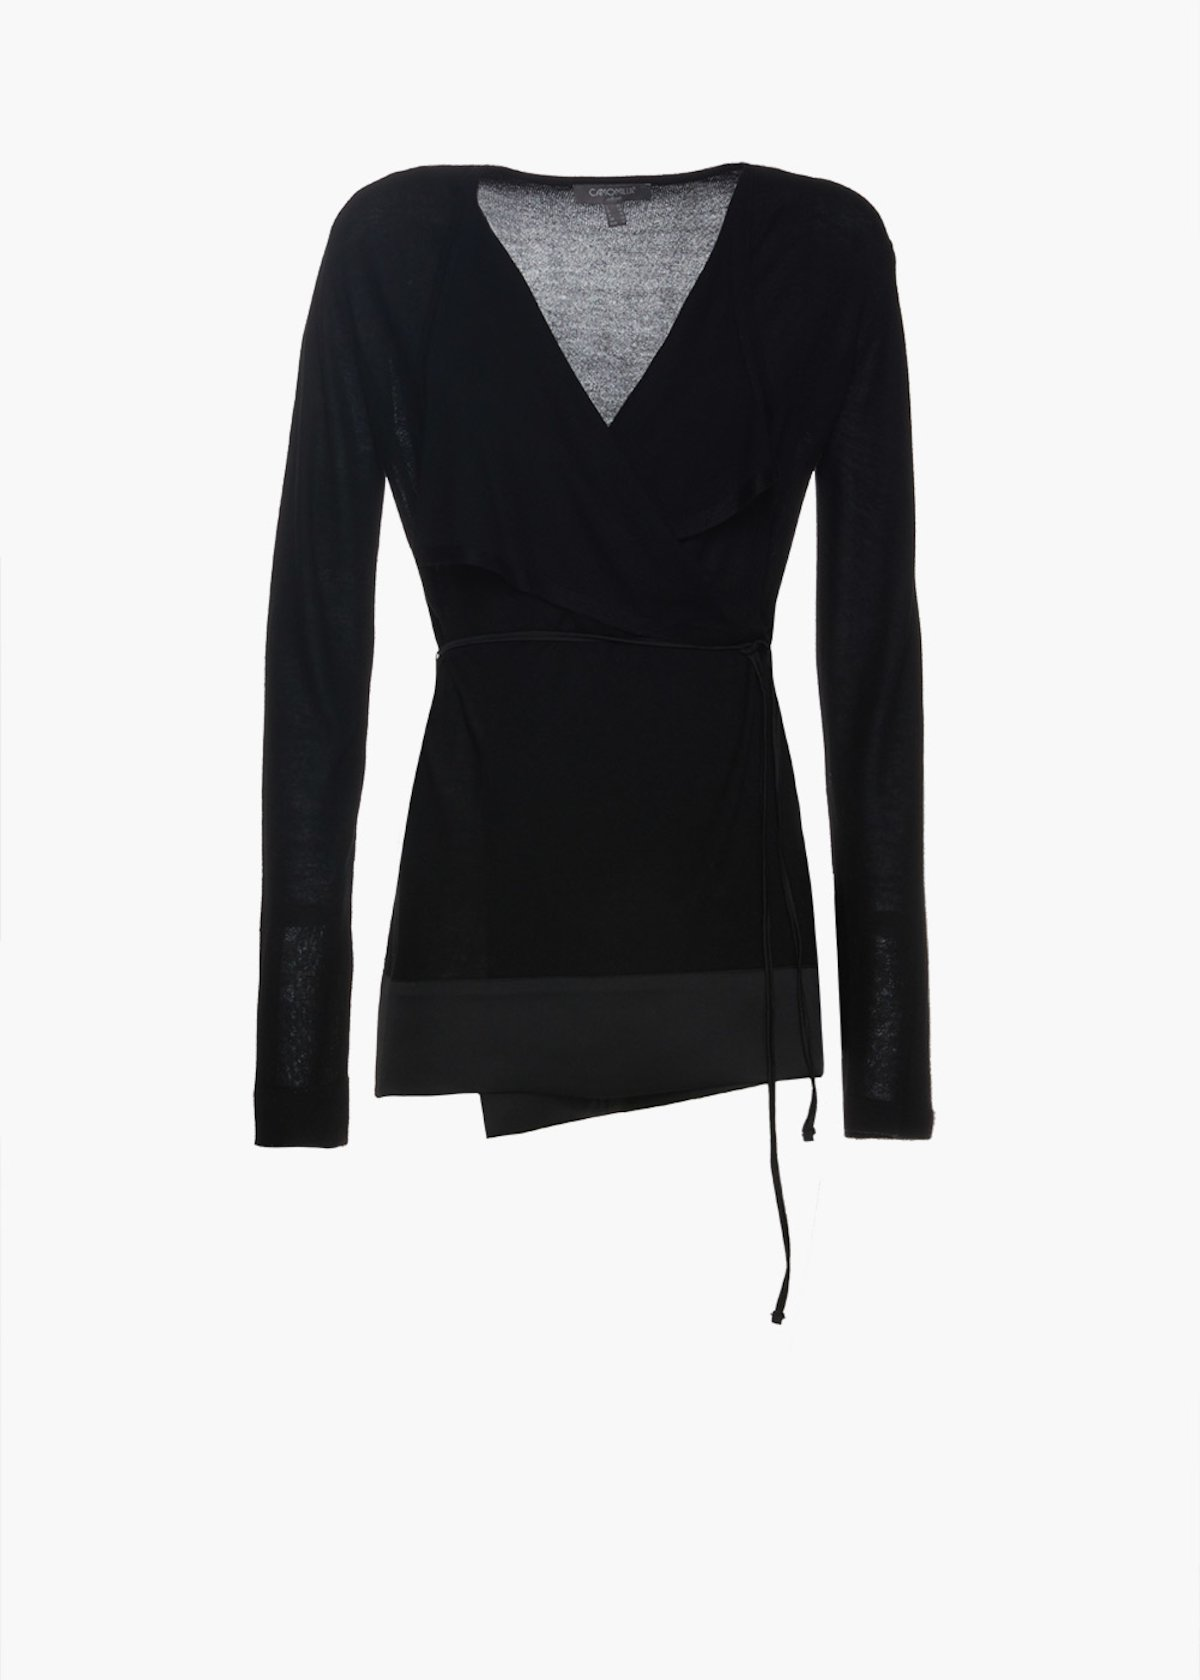 Cardigan Camy in maglia con dettaglio satin - Black - Donna - Immagine categoria